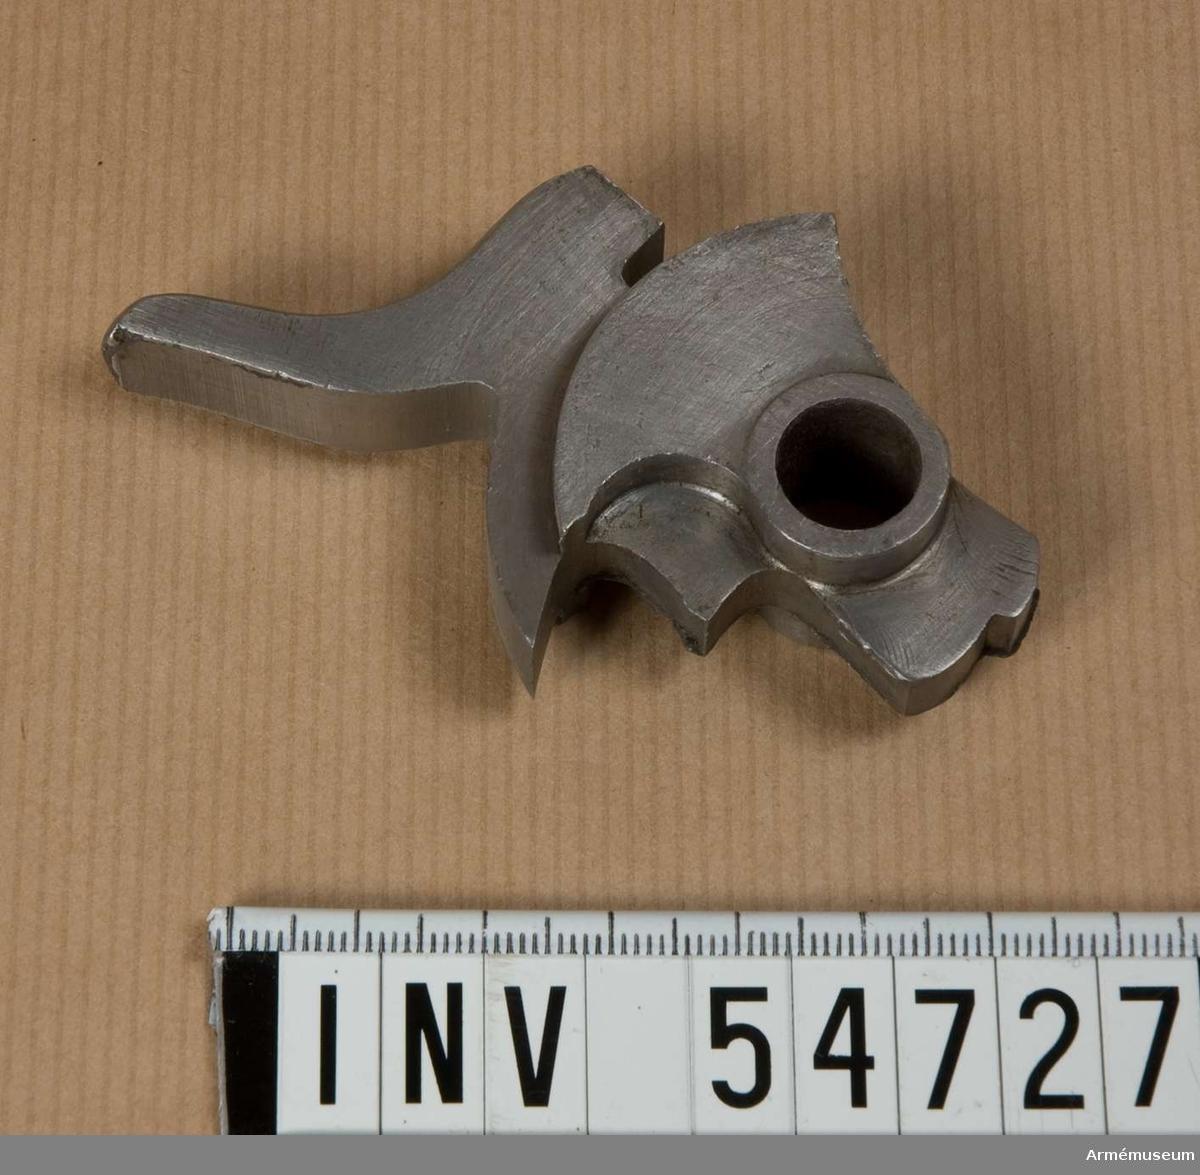 Grupp E VIII. Stadium 15 i tillverkningsordningen. Gevärsdel till 1867 års gevär m/1867, en av c:a 400 delar.